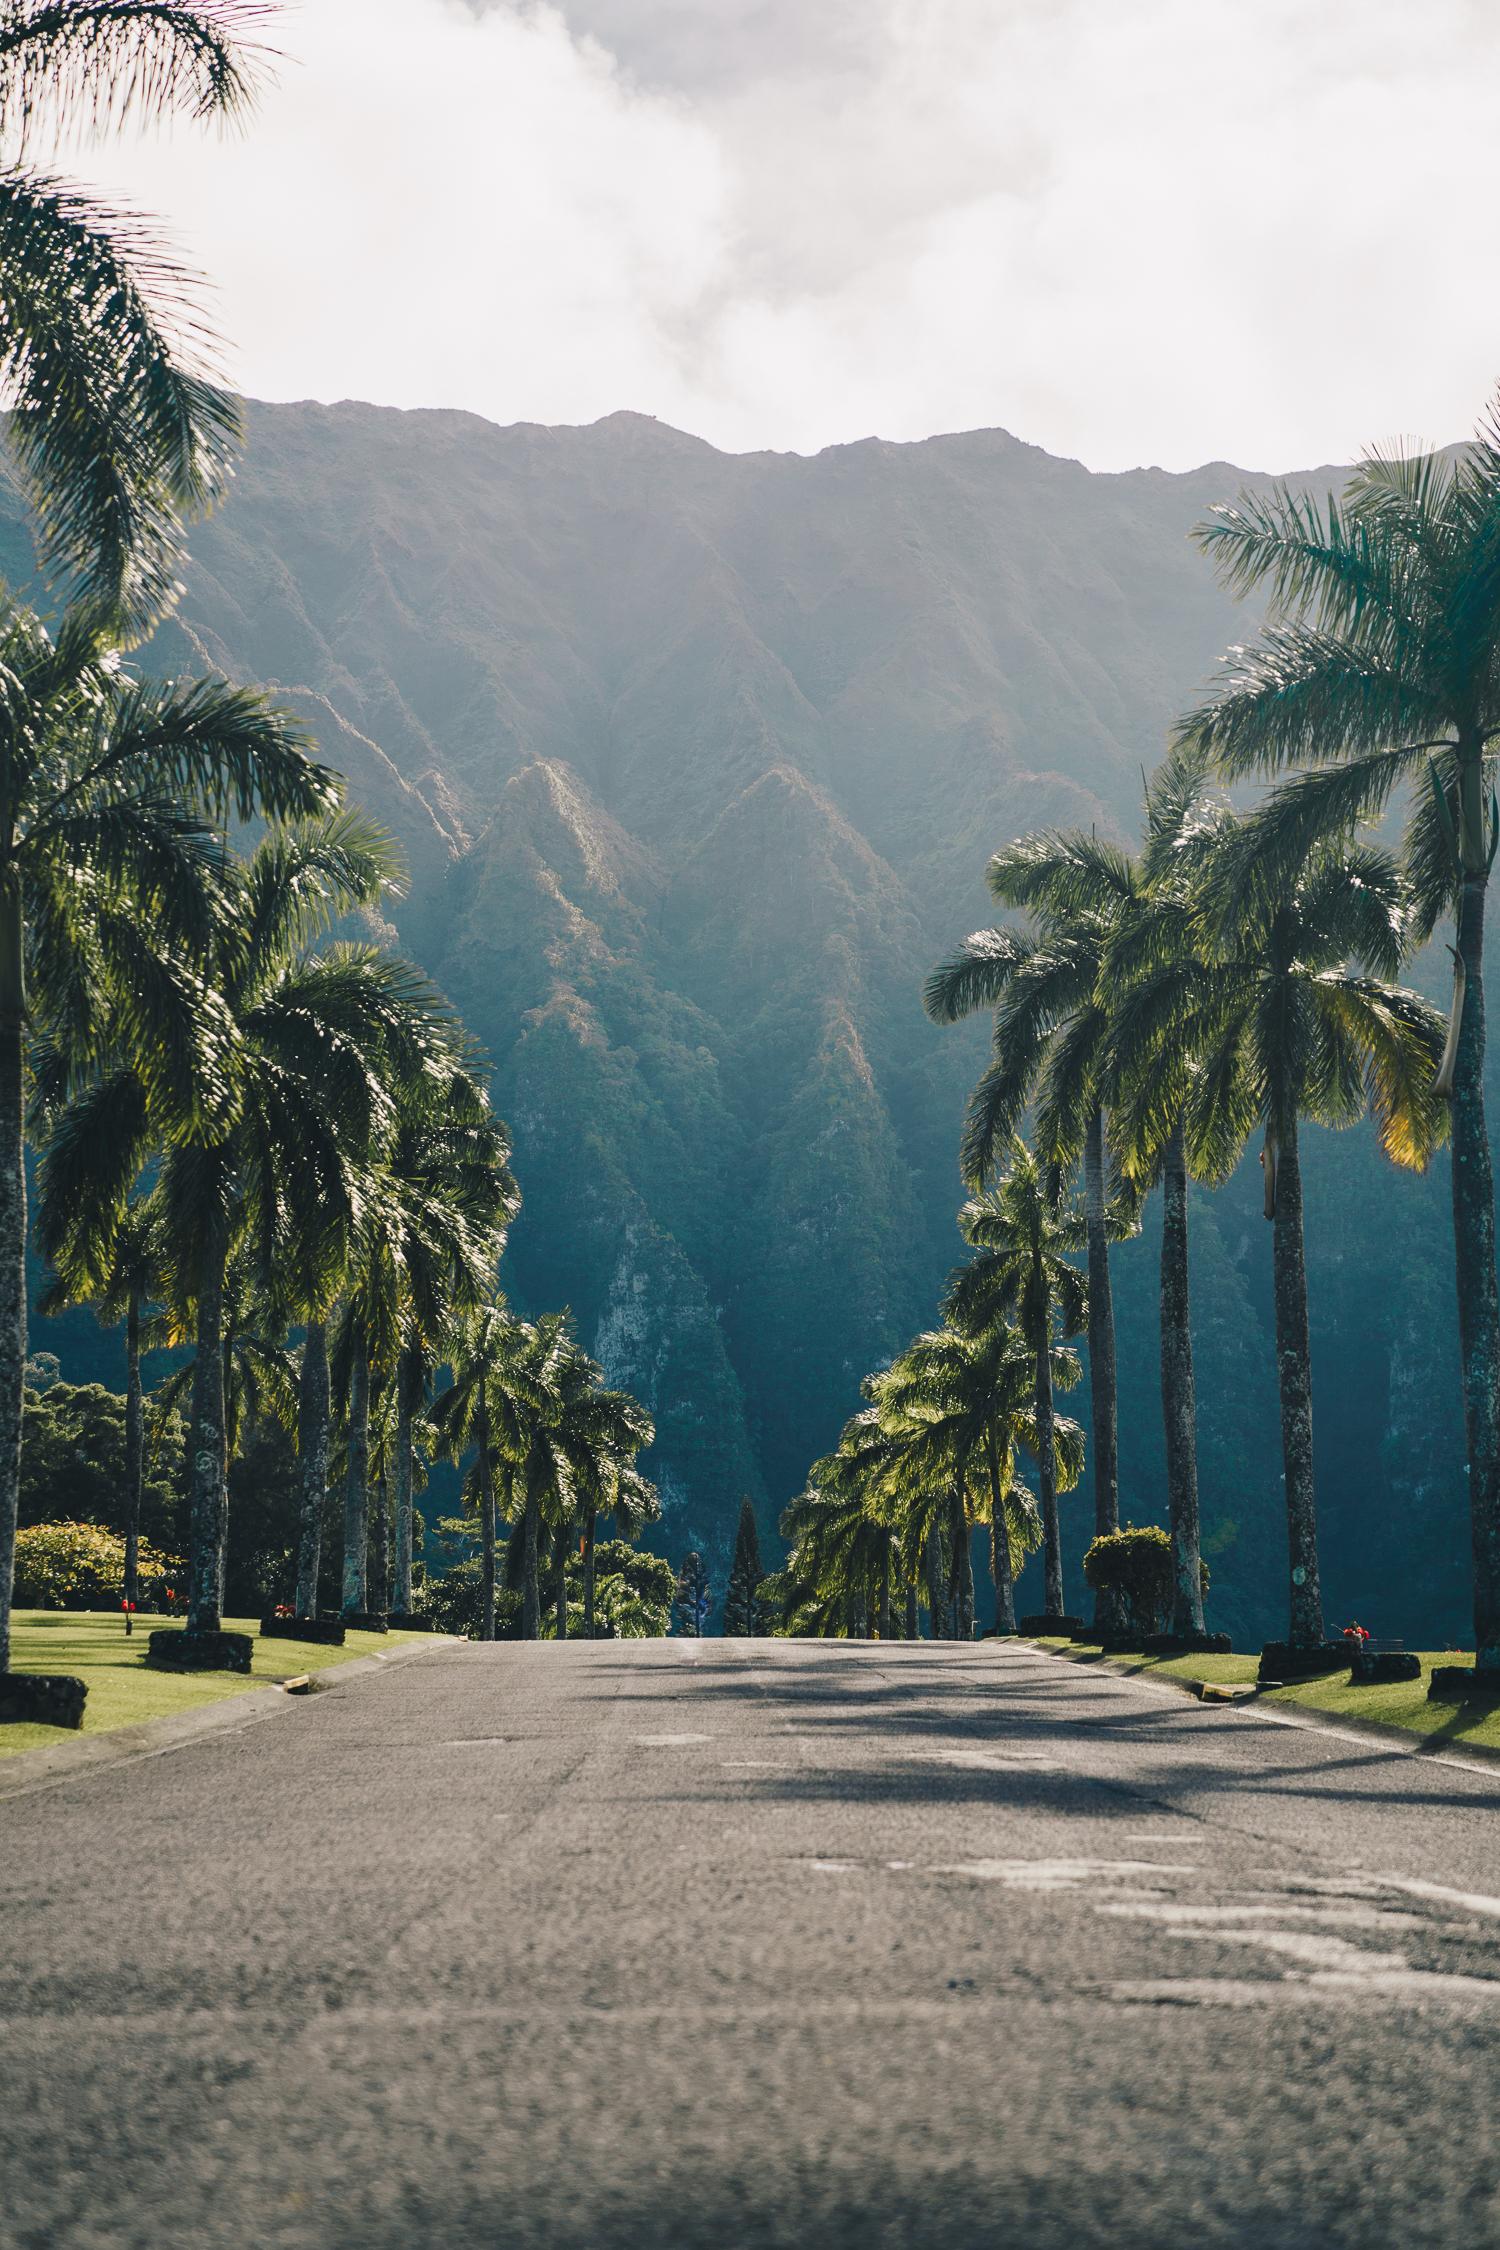 ¿Cuán costoso es? - Hawaii es un estado muy costoso. De acuerdo con la plataforma de alquiler de apartamentos Airbnb, el costo promedio de una propiedad por noche es de $170. El costo promedio por hotel por noche es de $264, según datos de 2017. Aunque existen hostales, los precios promedios de estos pueden ascender entre $39 y $90 por noche.